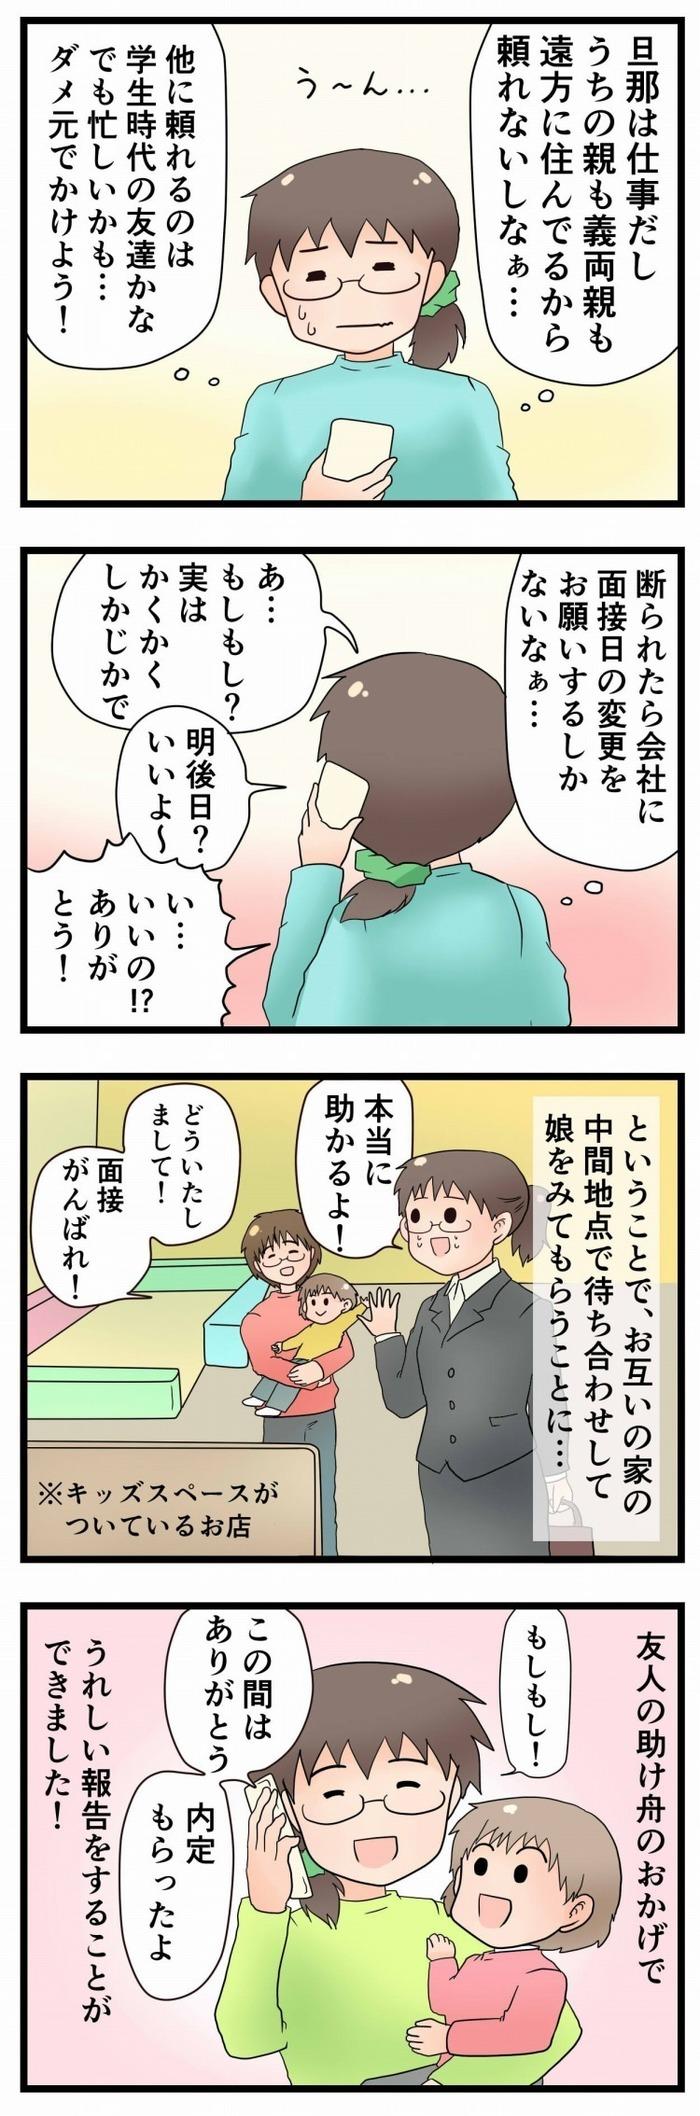 「明後日、面接に来てください」と言われても、子どもの預け先がない!再就職を目指すママのピンチの画像2